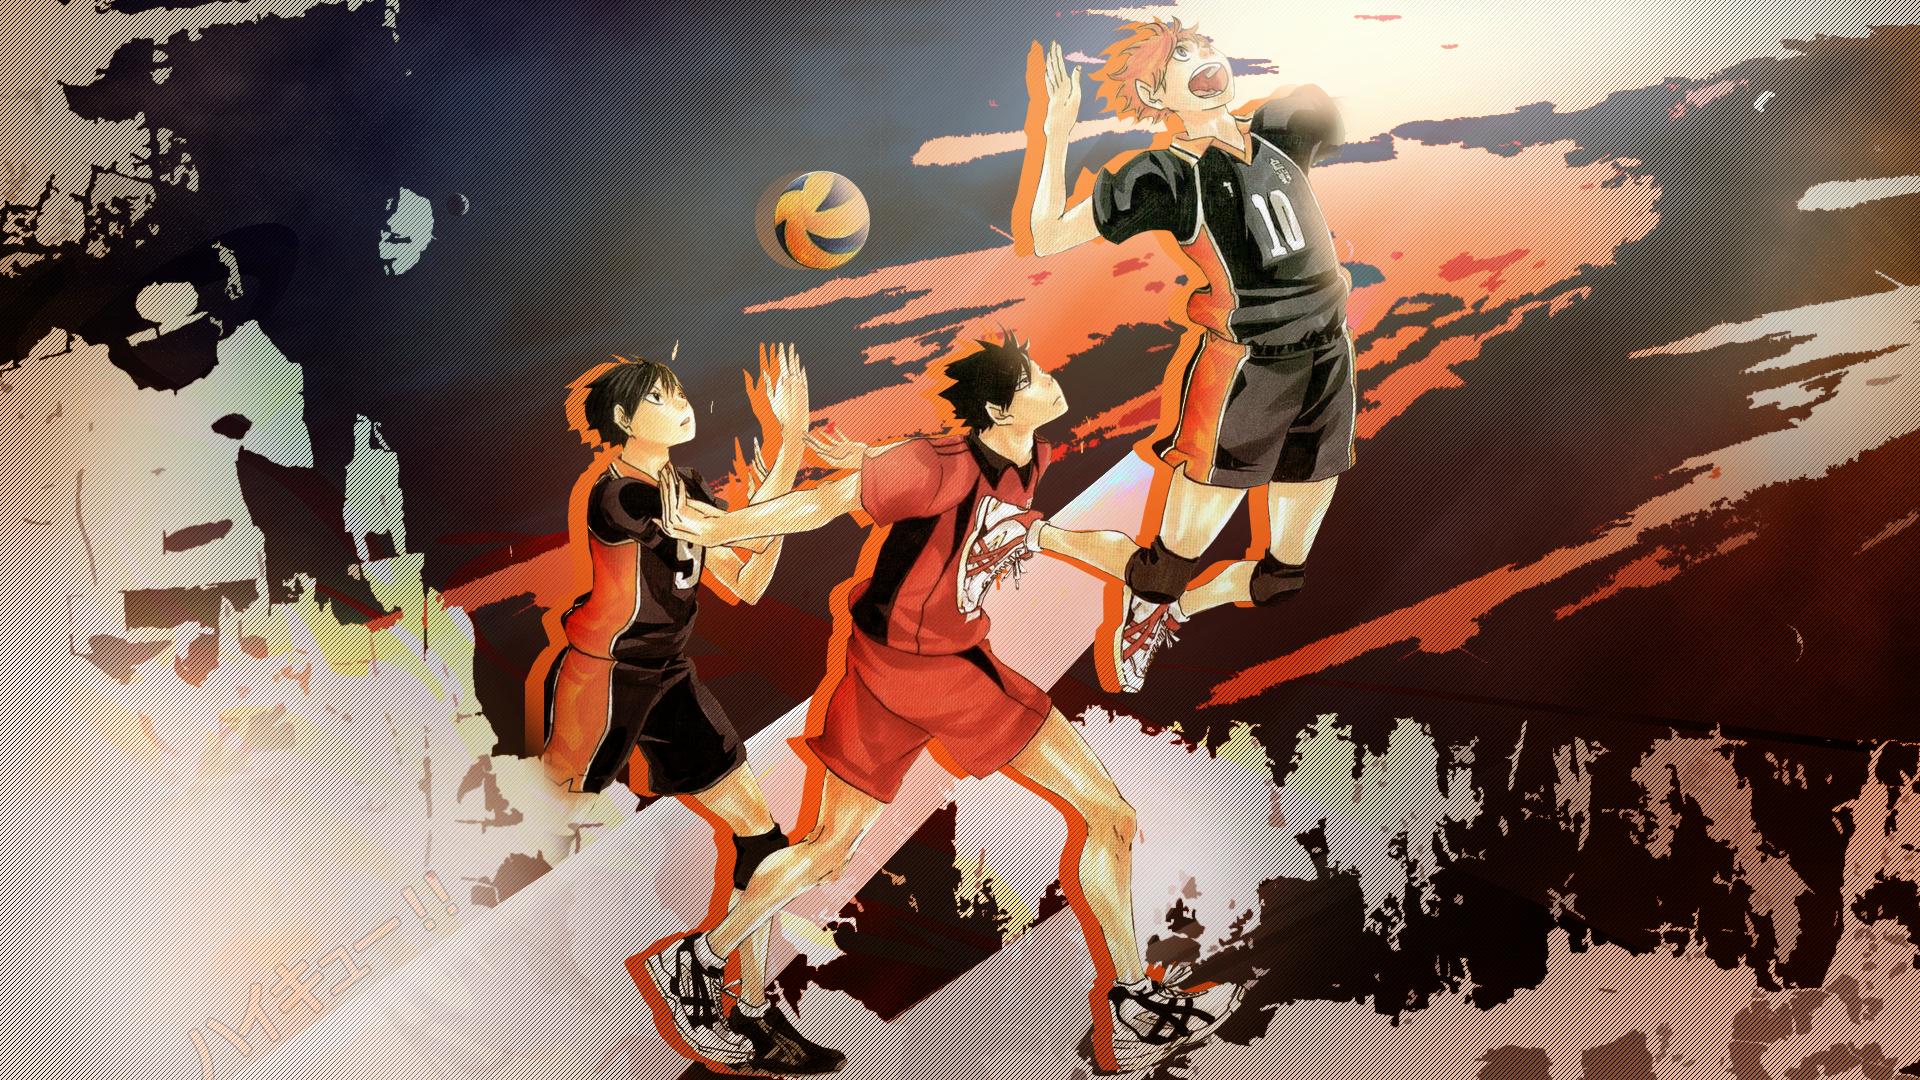 Haikyuu Anime Hd Wallpaper Haikyuu Anime Haikyuu Wallpaper Anime Artwork Wallpaper